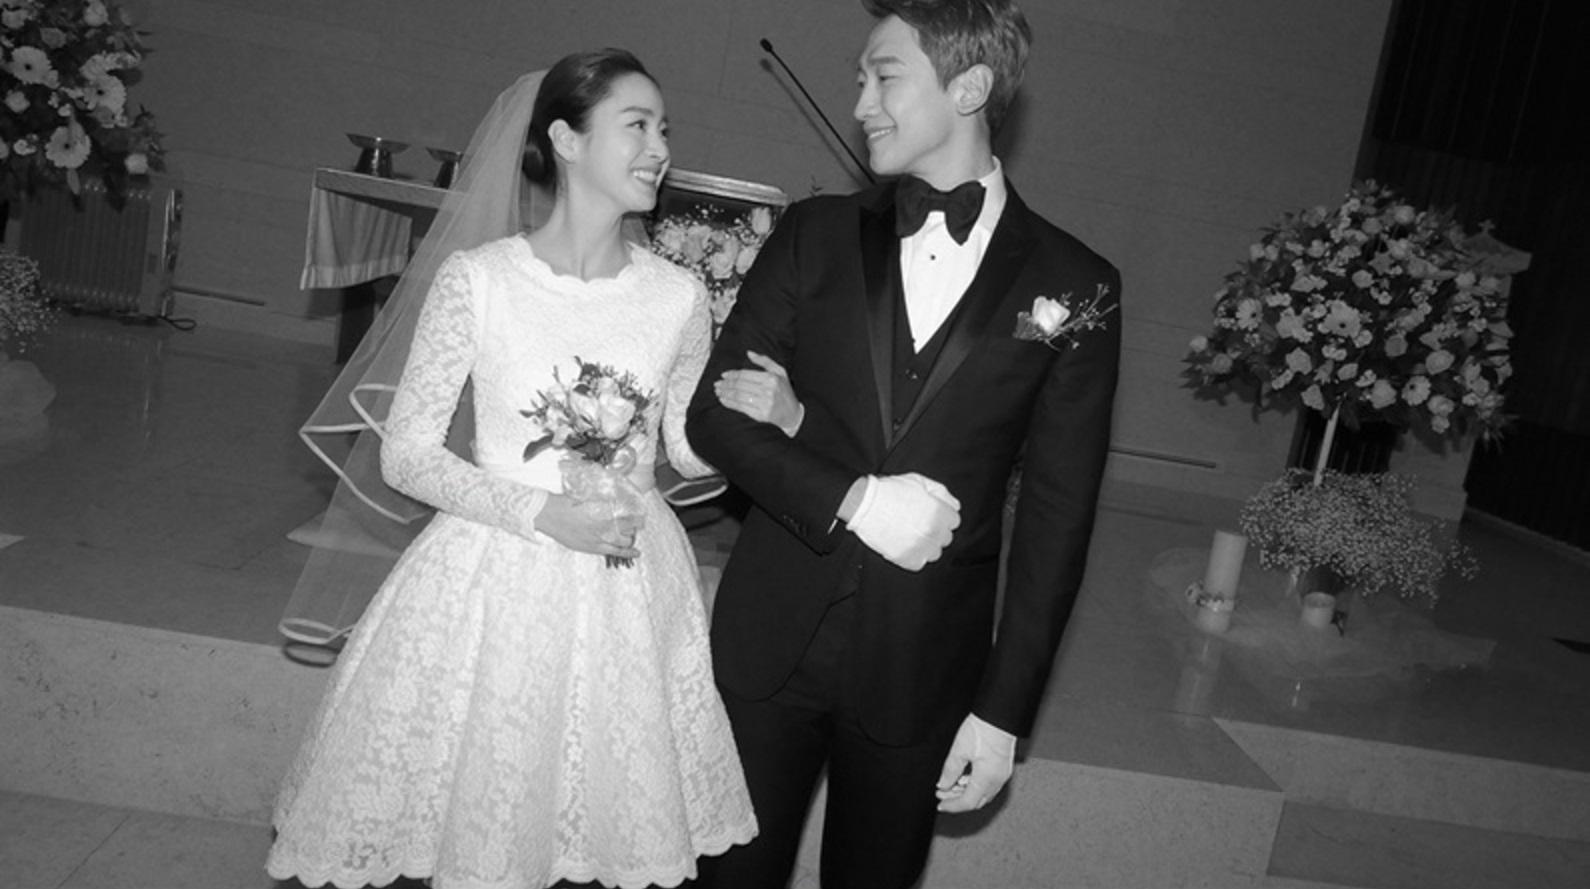 Rain y Kim Tae Hee realizarán un reportaje fotográfico de boda después de la luna de miel